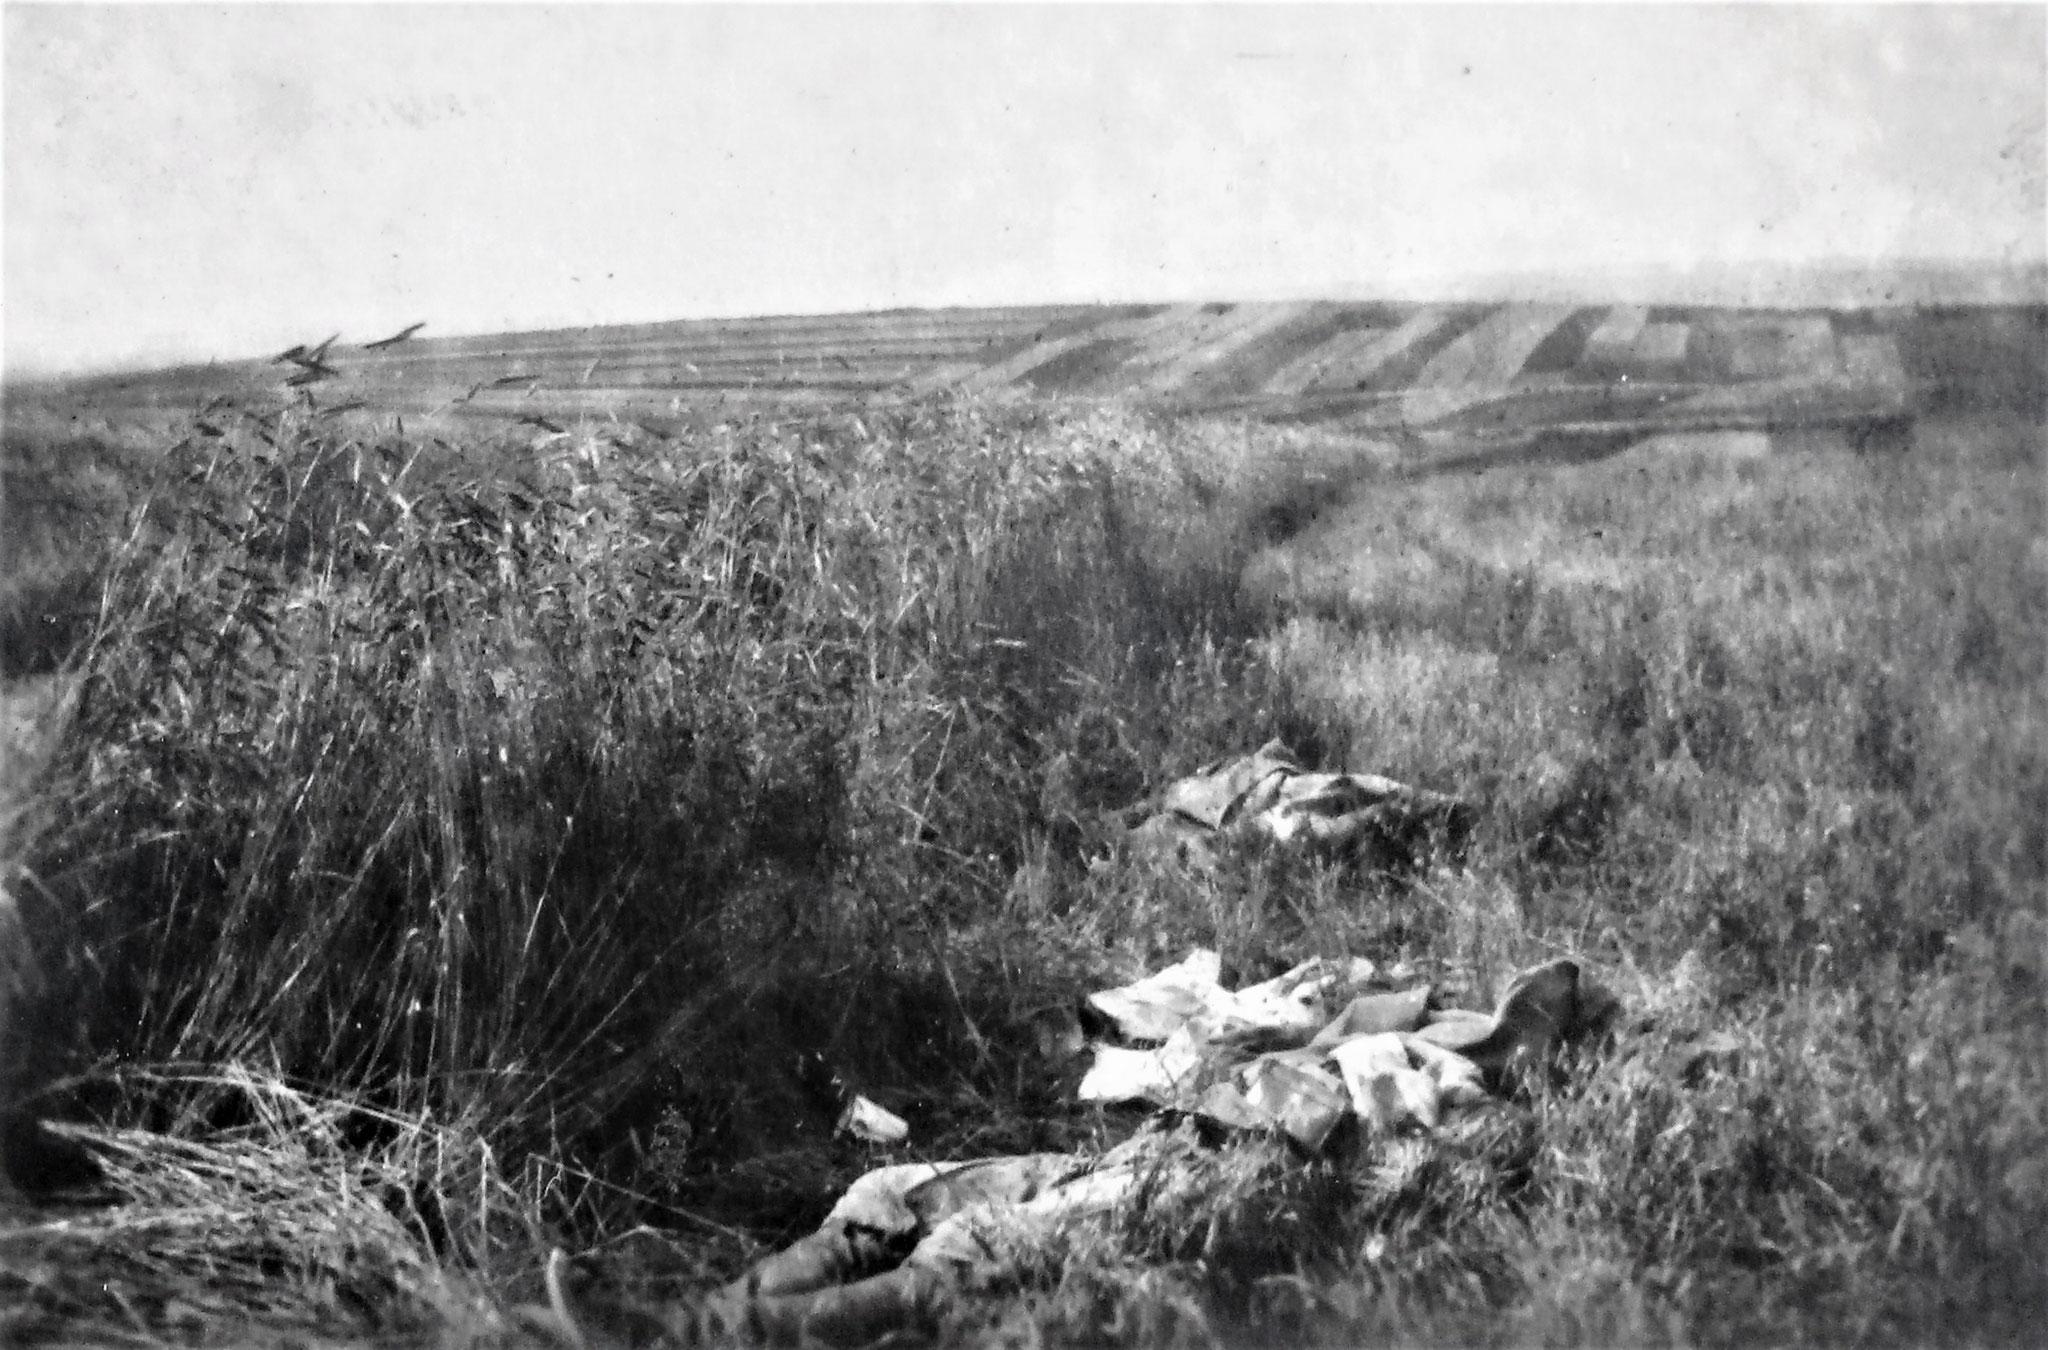 Gefallene Russen in den Feldern südl. der eroberten Stellung.